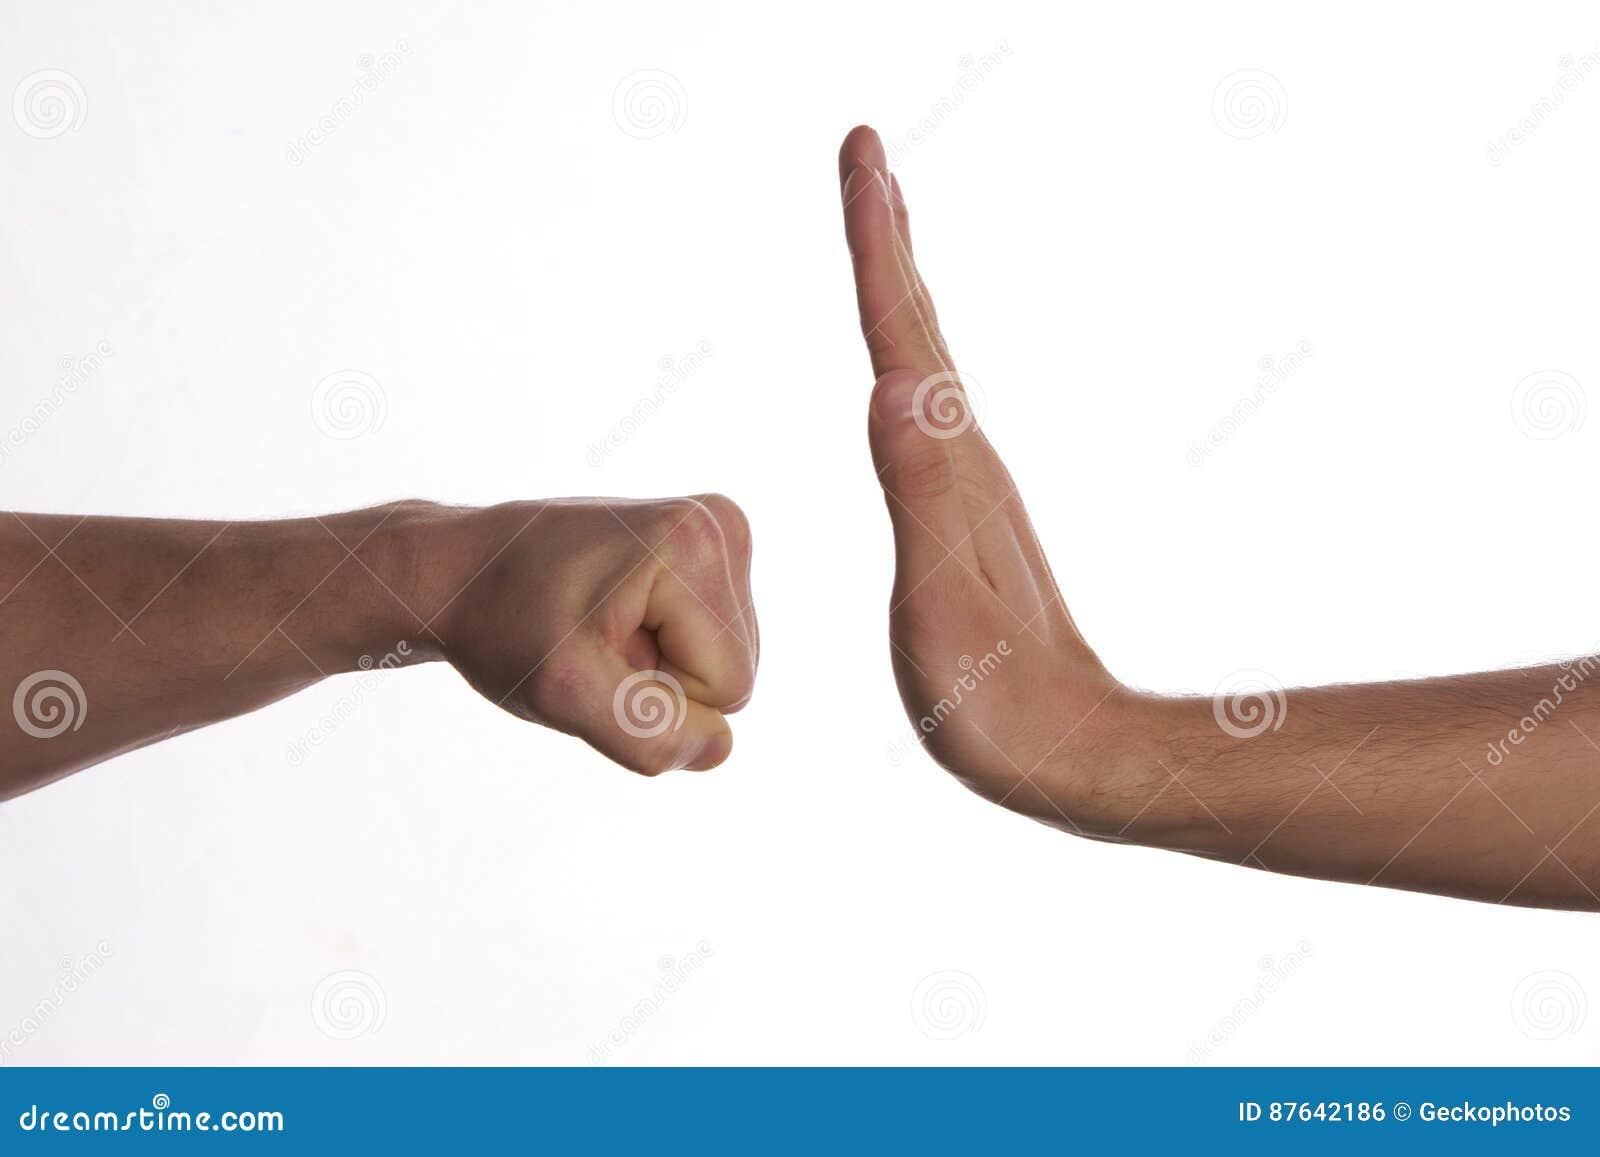 Ένα χέρι που αποτρέπει την επίθεση διατρήσεων ενός άλλου χεριού